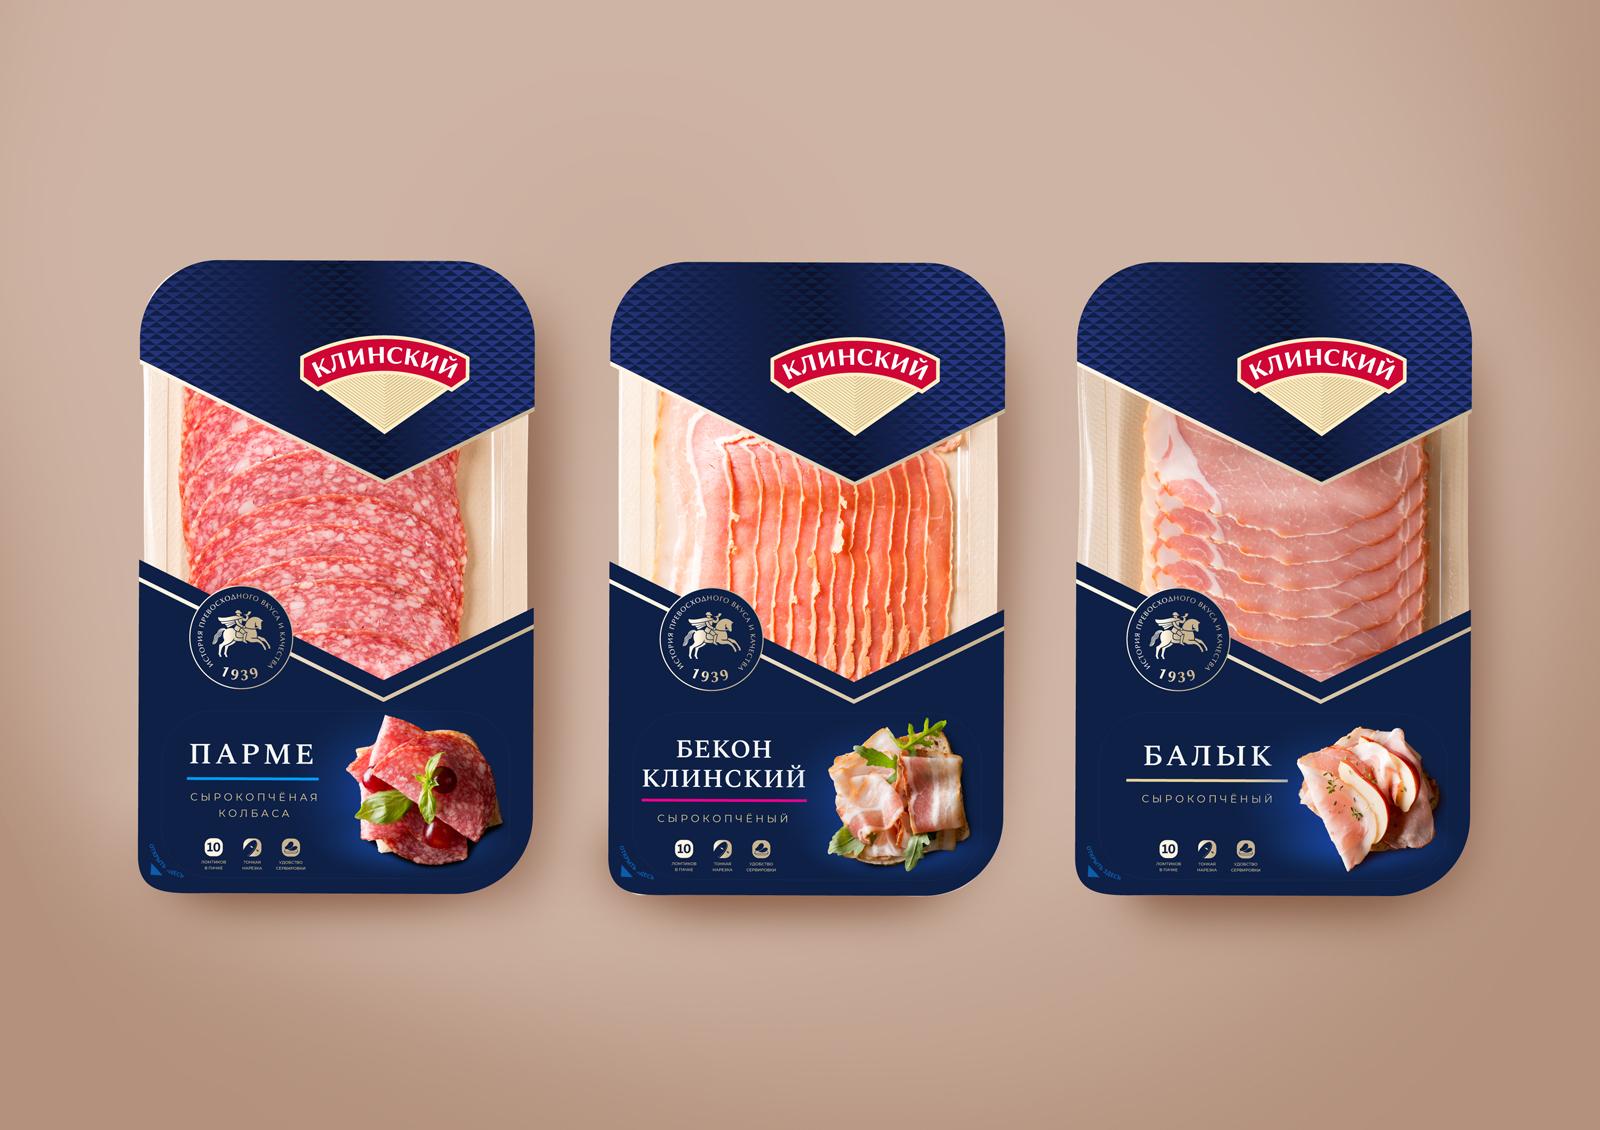 Важными элементами дизайна упаковки являются логотип бренда, окно, фирменный геральдический символ и фудстайлинг